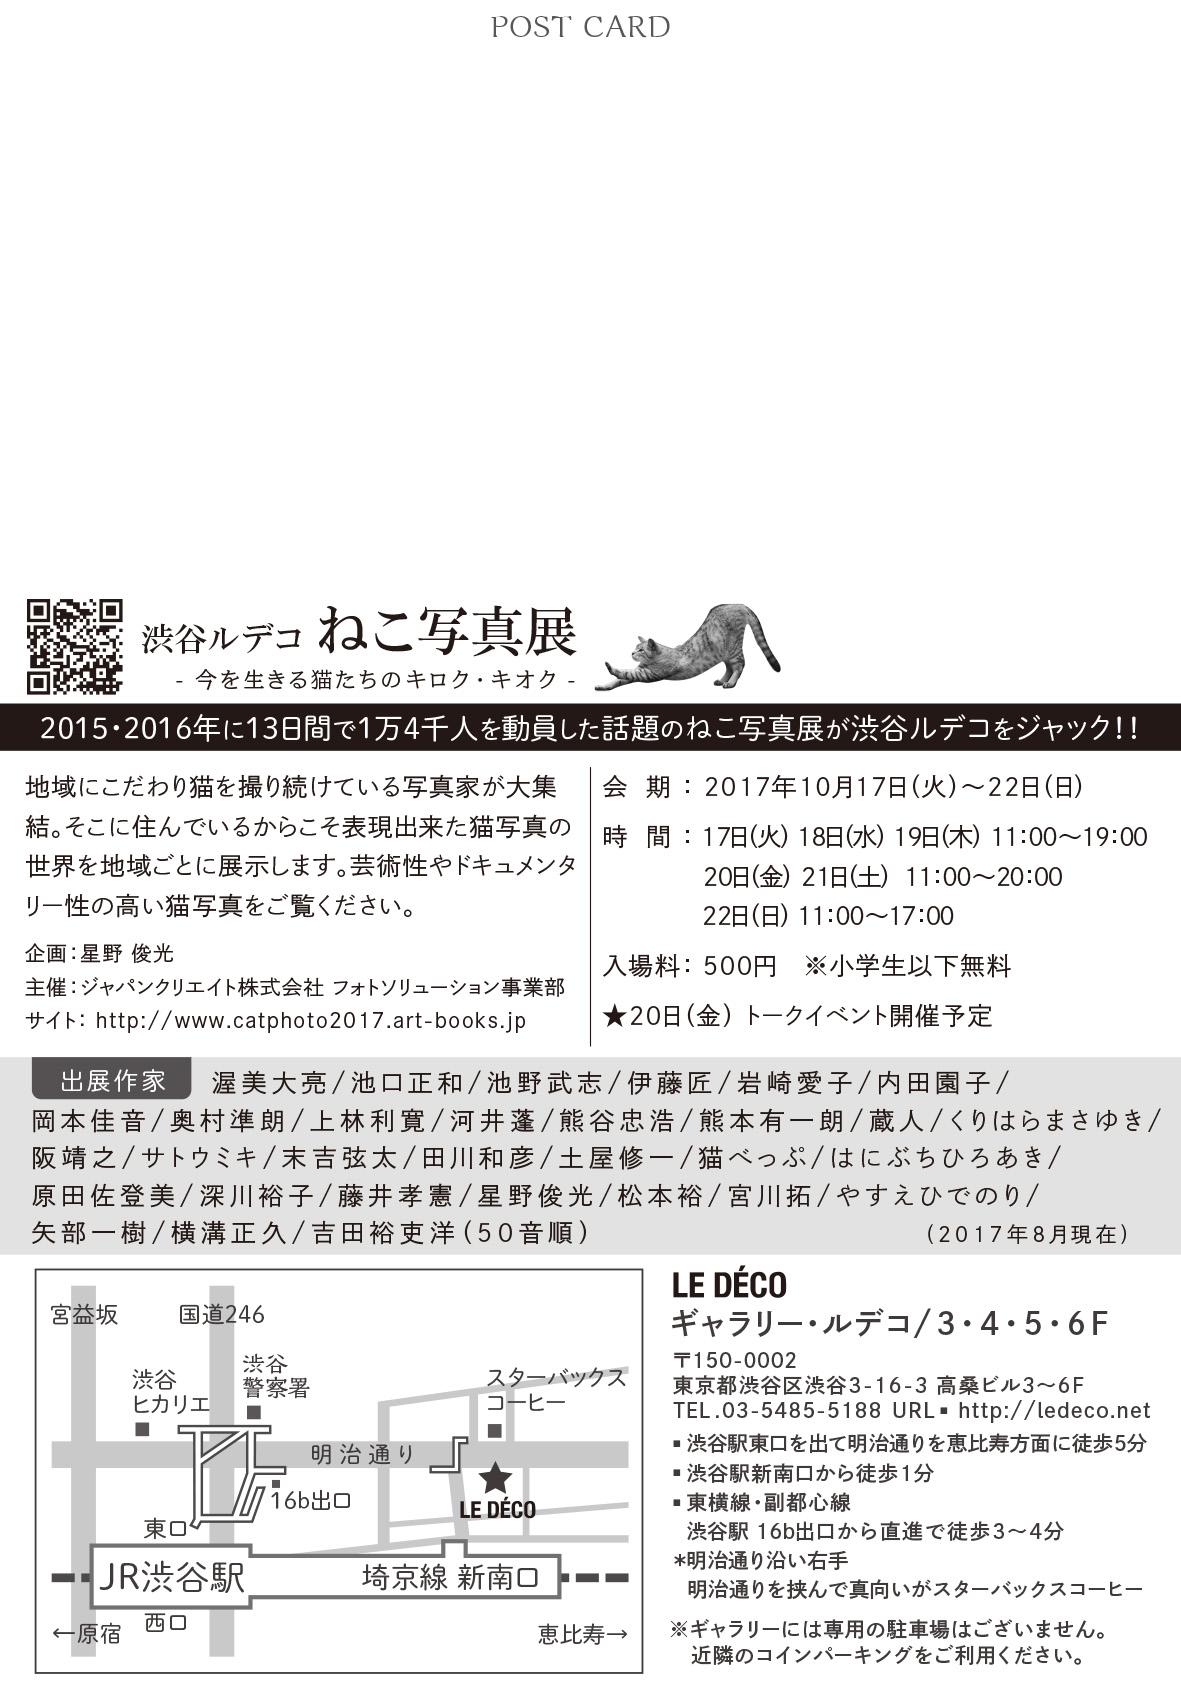 渋谷ルデコねこ写真展_c0194541_17494634.jpg